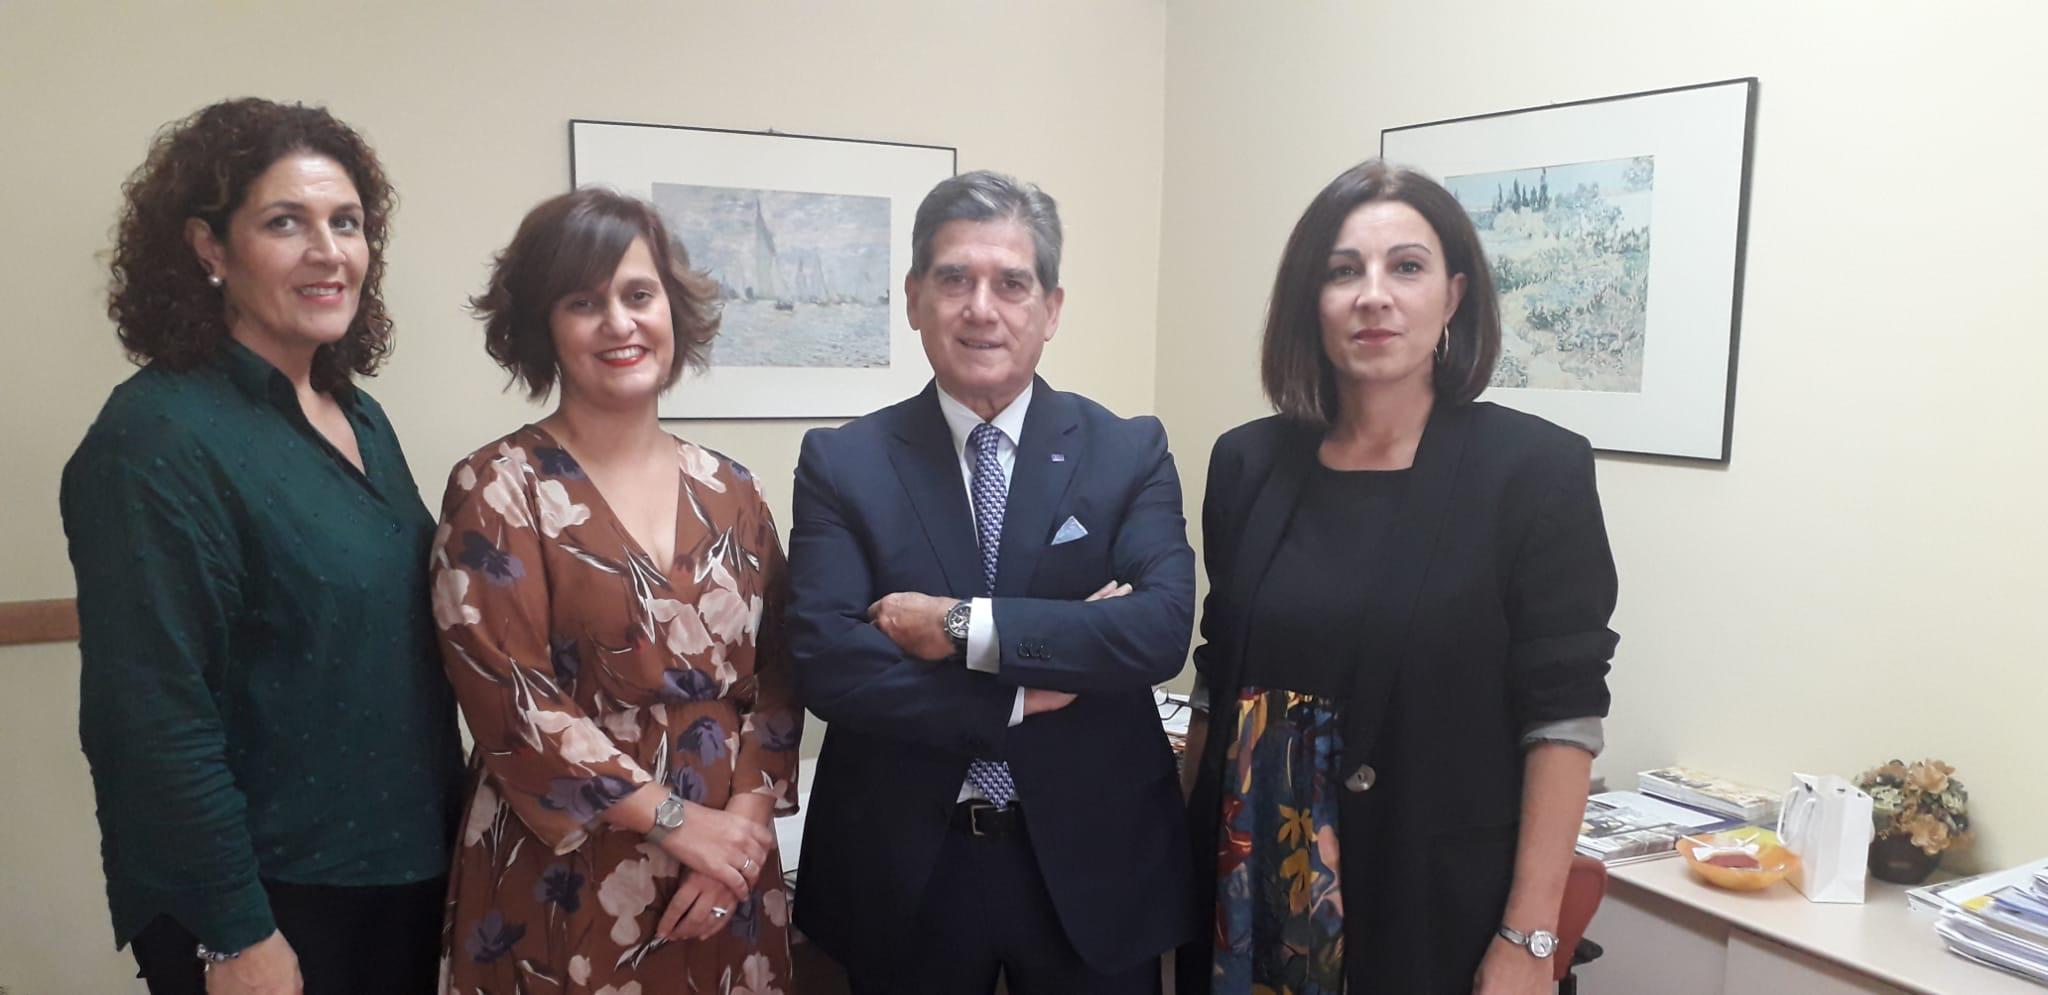 ¡SENSACIÓN DE CONFIANZA Y TRANQUILIDAD!